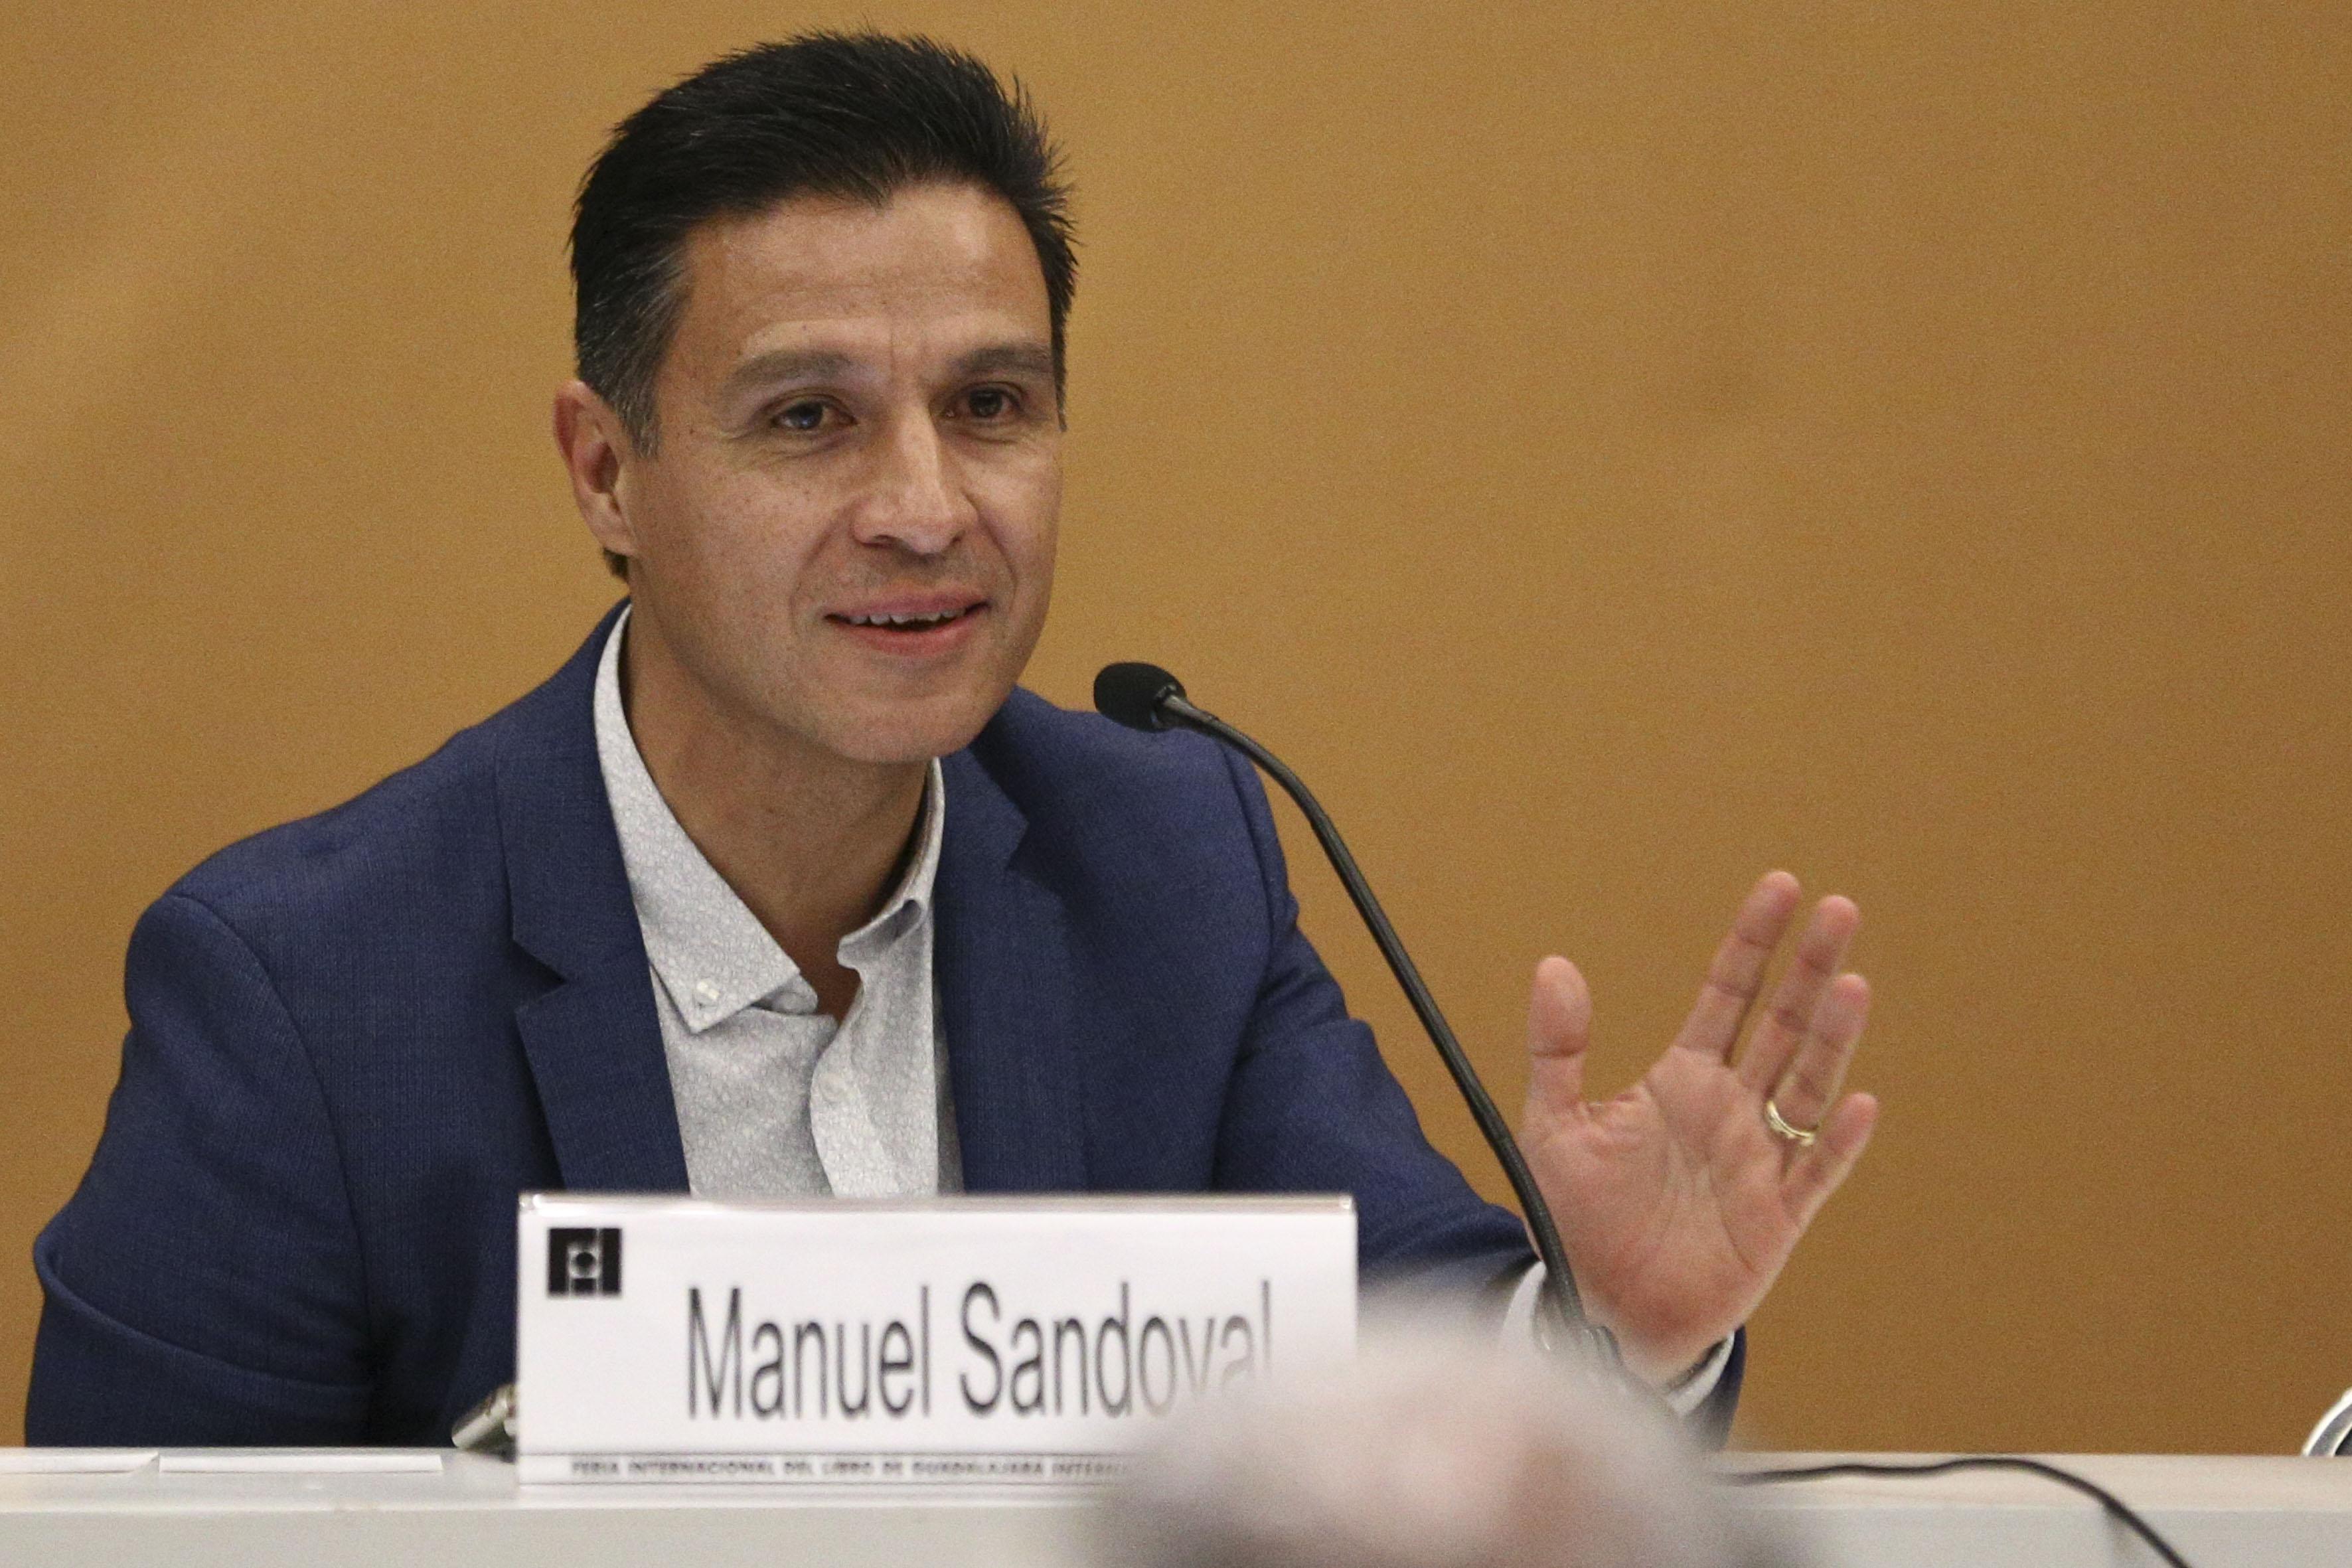 Manuel Sandoval haciendo uso de la palabra en la presentación de la plataforma México Exponencial en la Feria Internacional del Libro de Guadalajara (FIL 2017)